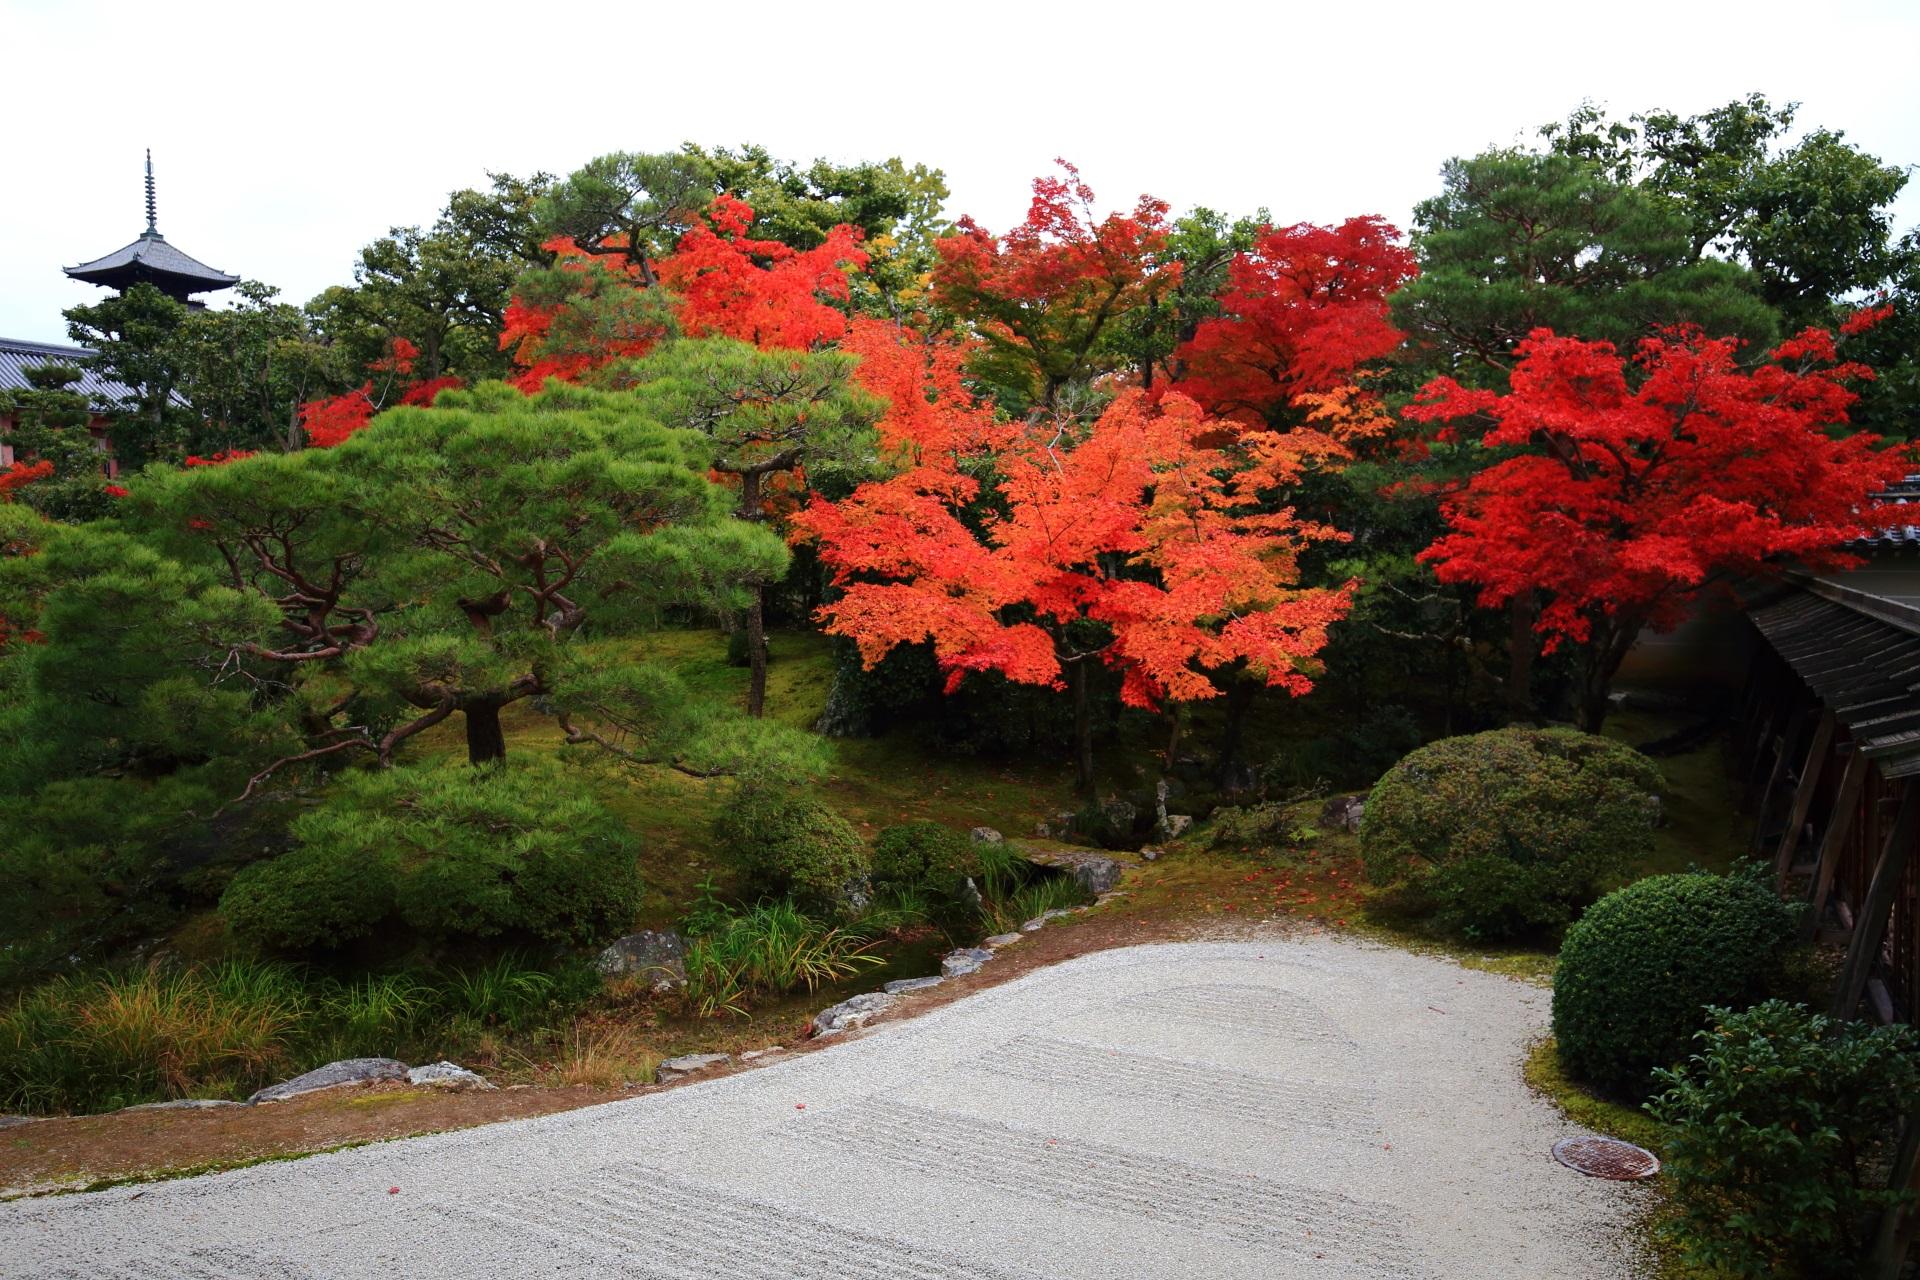 仁和寺の五重塔を彩る赤やオレンジの鮮やかな紅葉